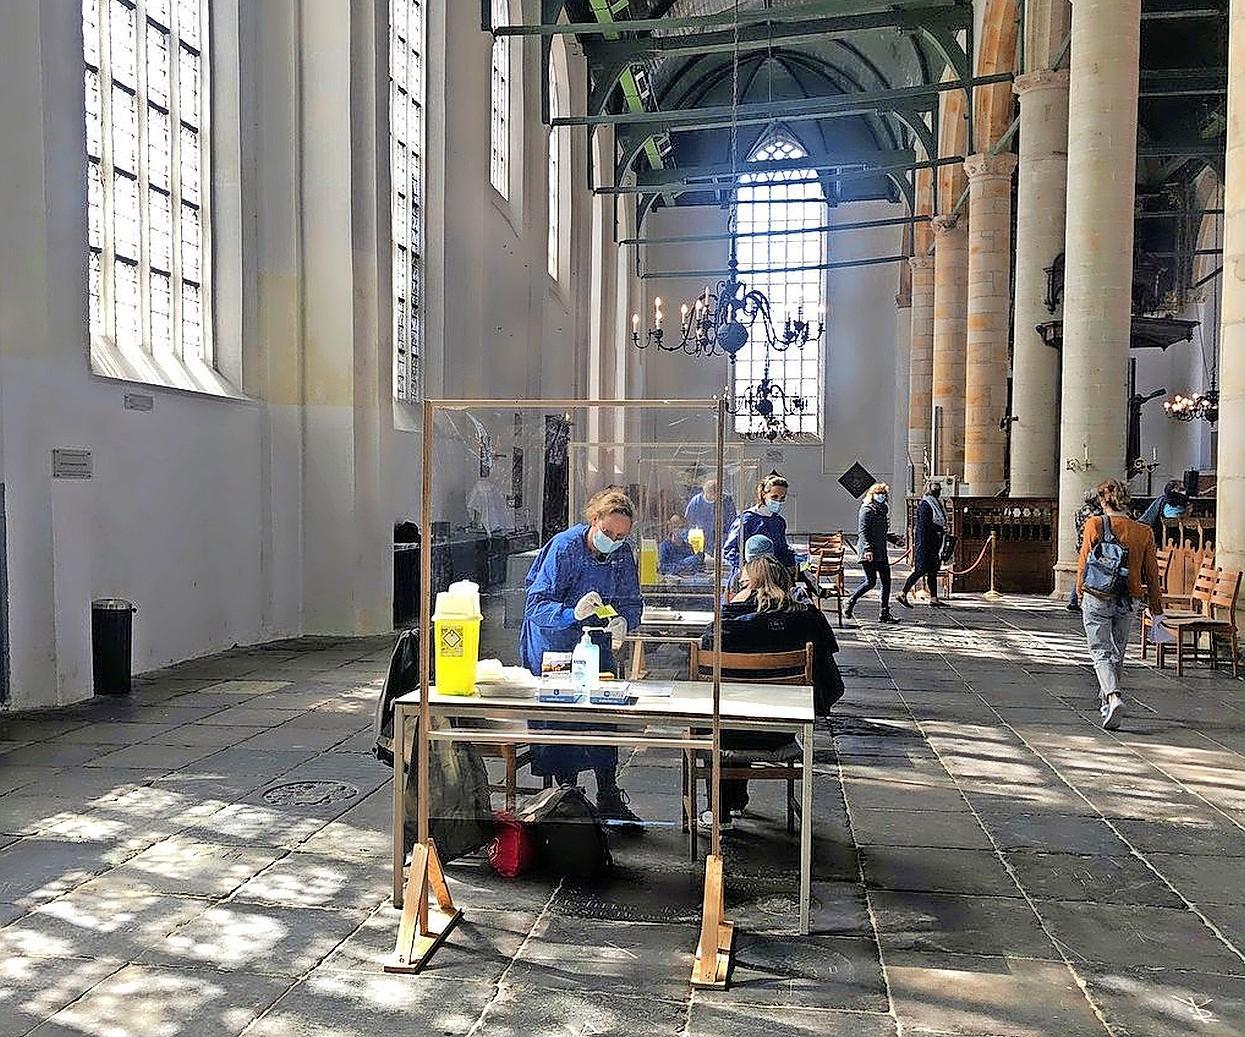 Vakantiegangers in West-Friesland willen van huisarts sneller vaccin tegen corona